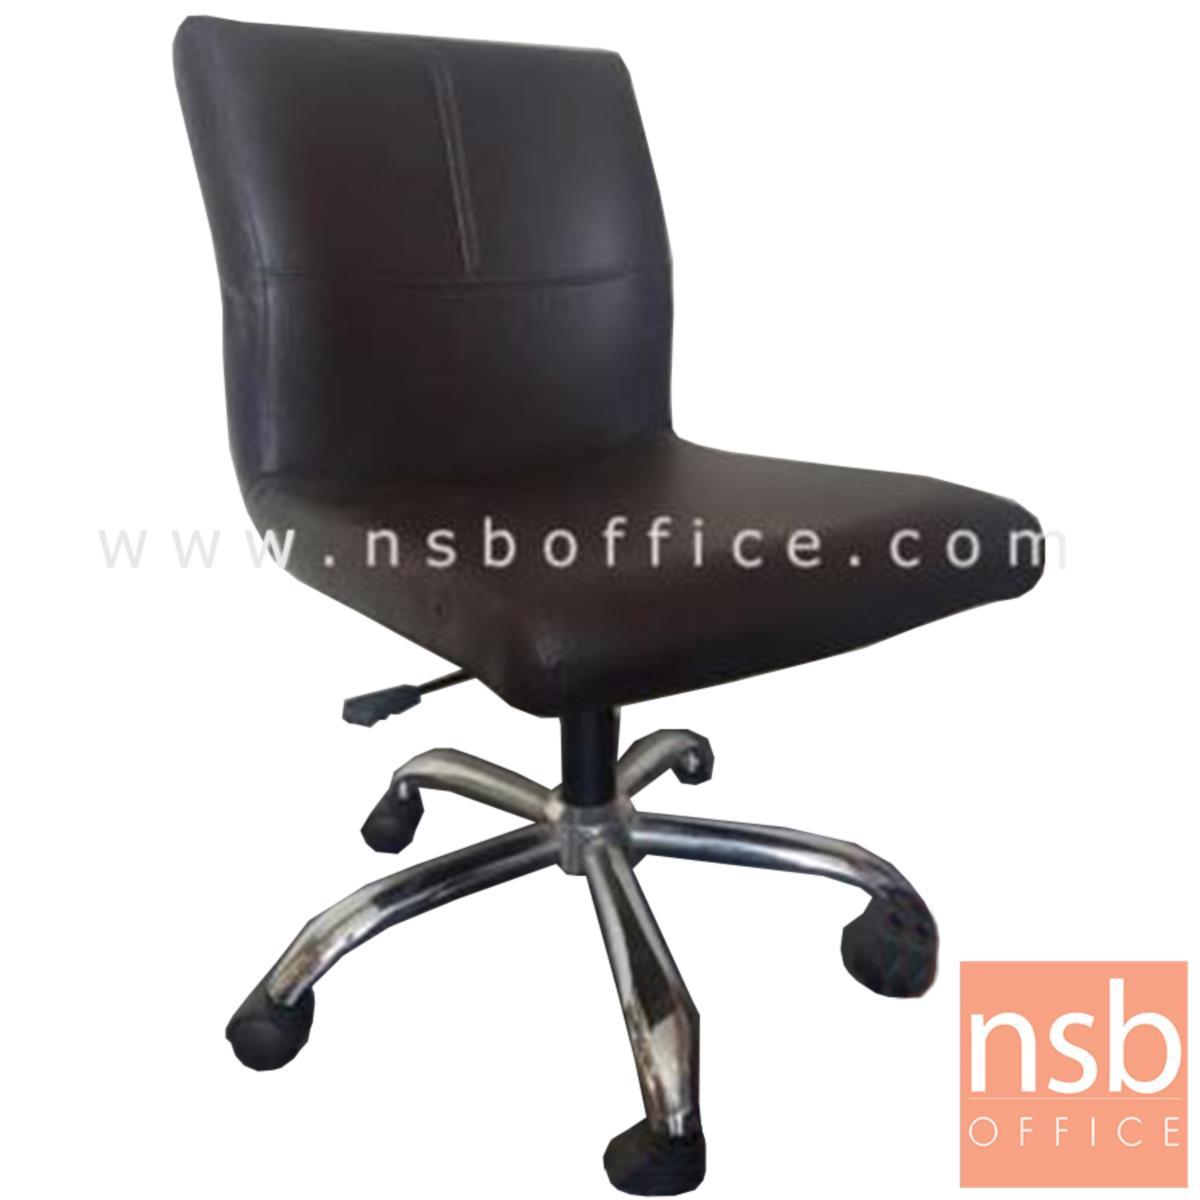 B03A419:เก้าอี้สำนักงาน รุ่น Alecia (อลีเซีย)  โช๊คแก๊ส ขาเหล็กชุบโครเมี่ยม